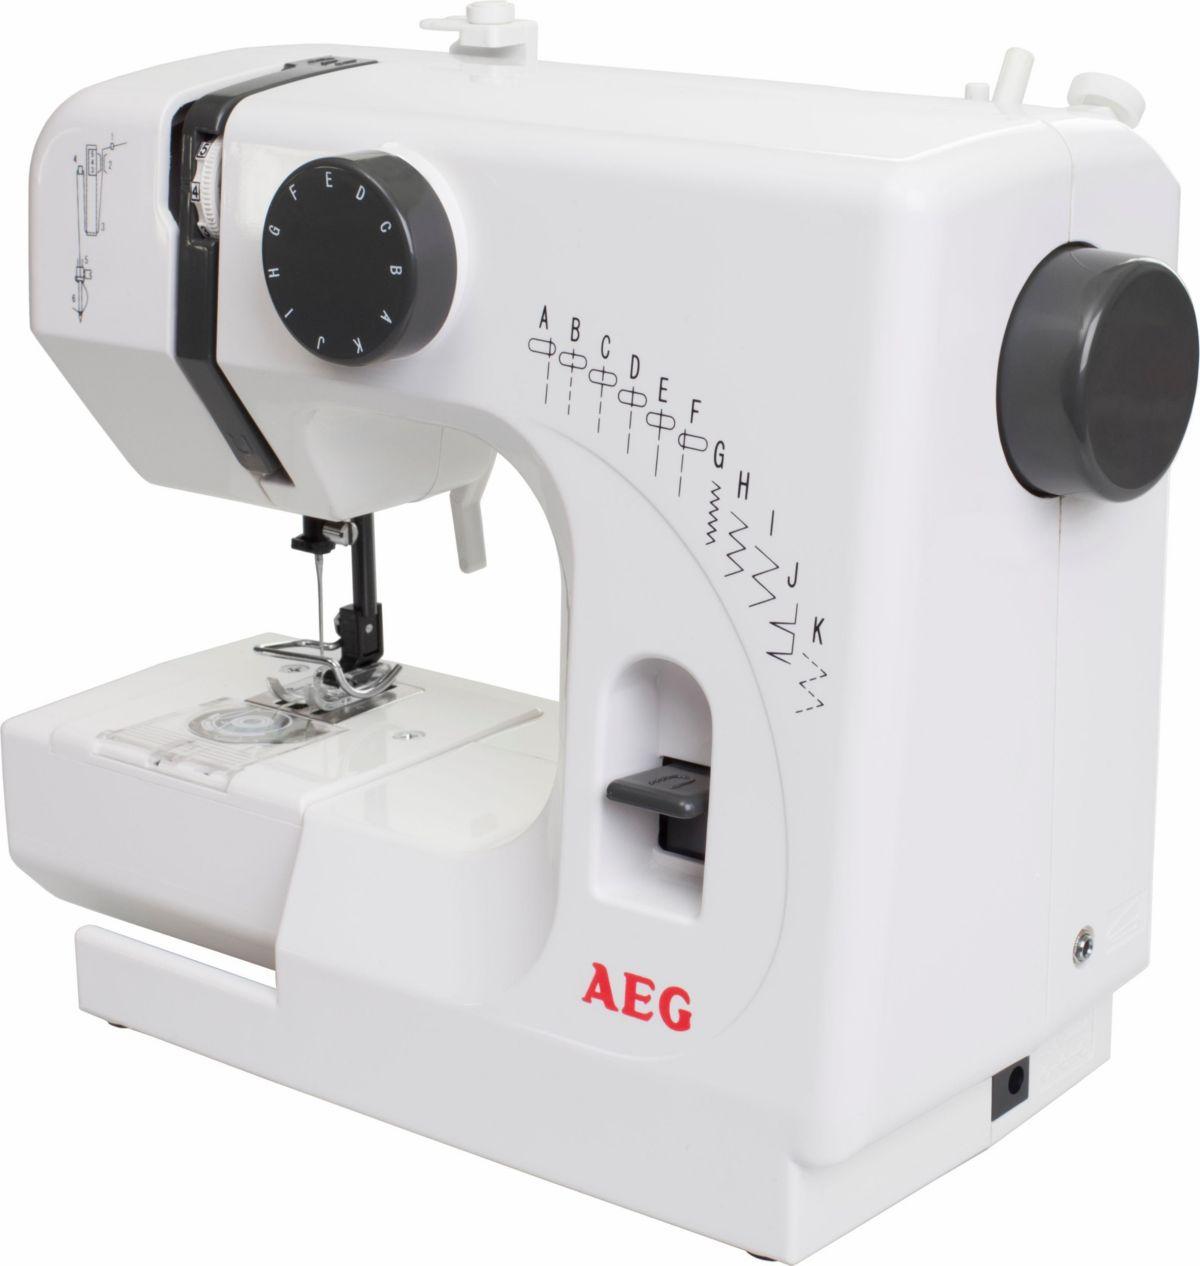 AEG Nähmaschine AEG100